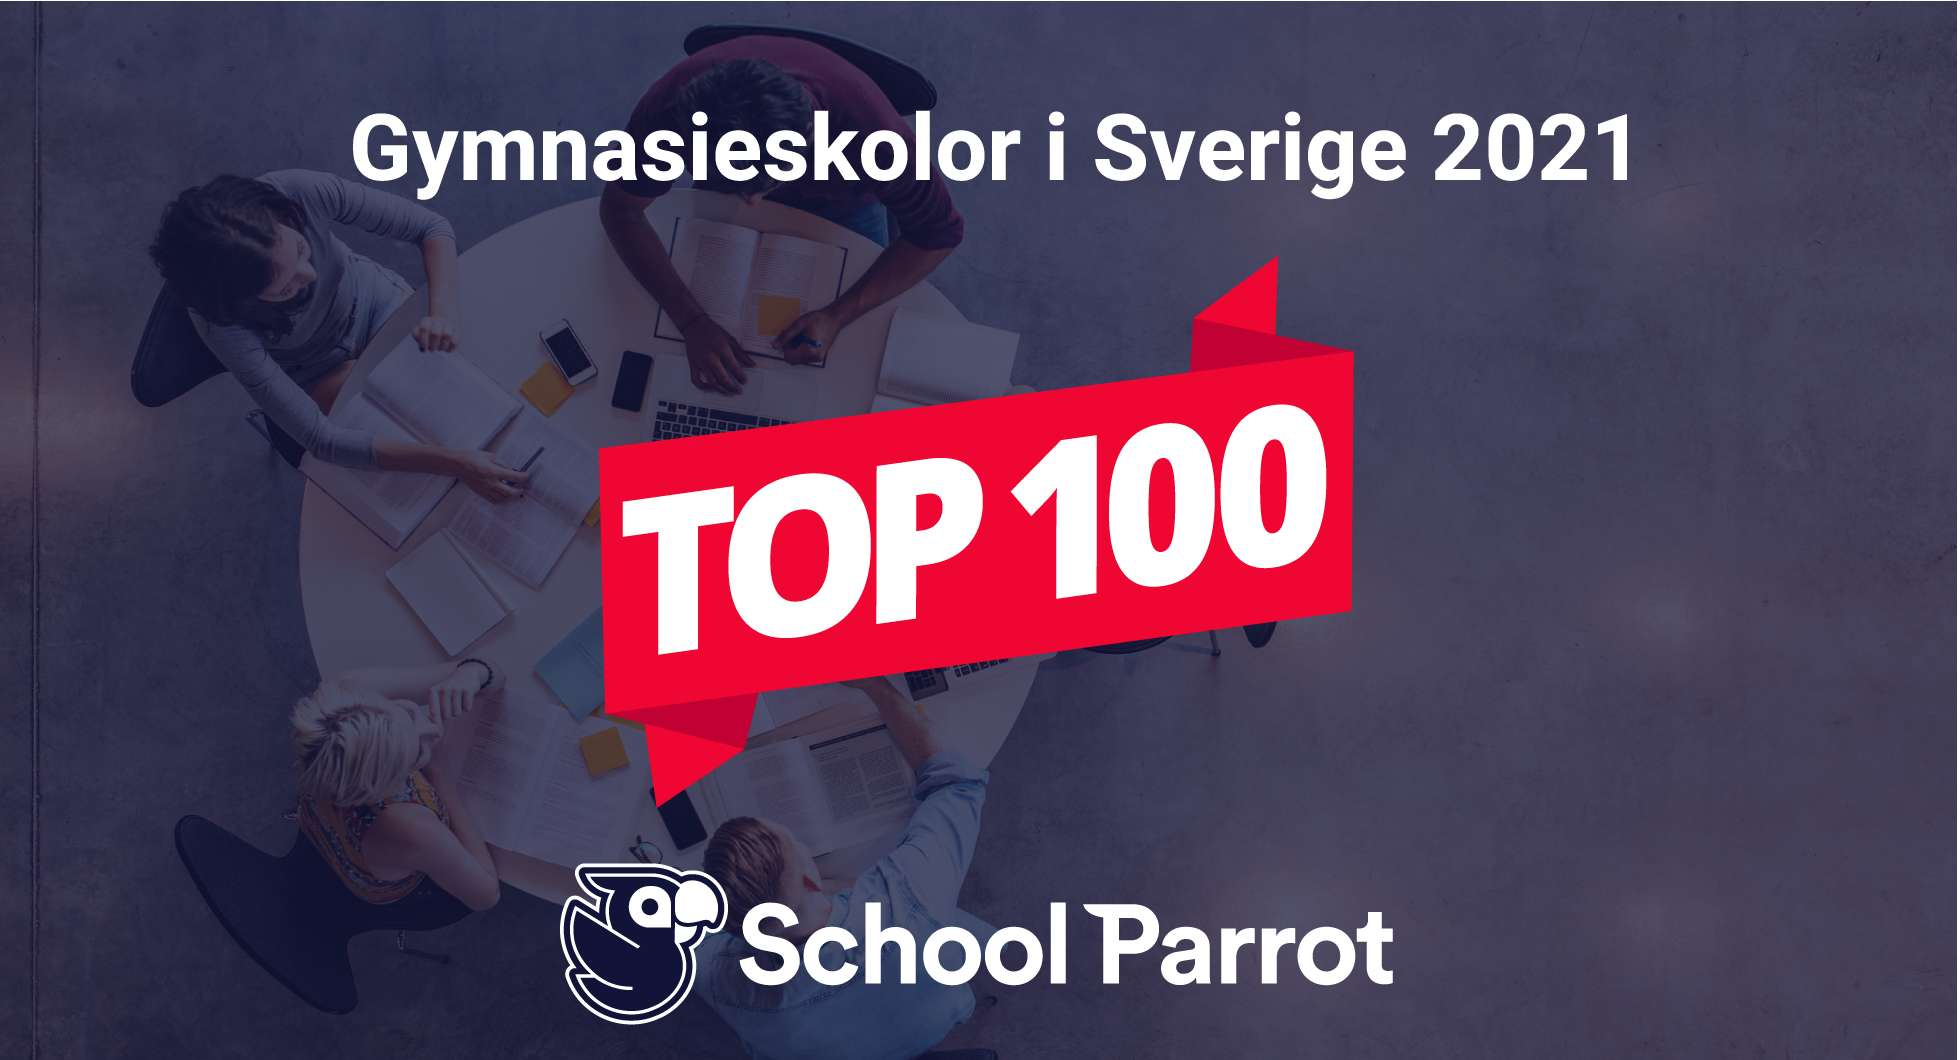 Sveriges bästa gymnasium baserat på omdömen   SchoolParrot